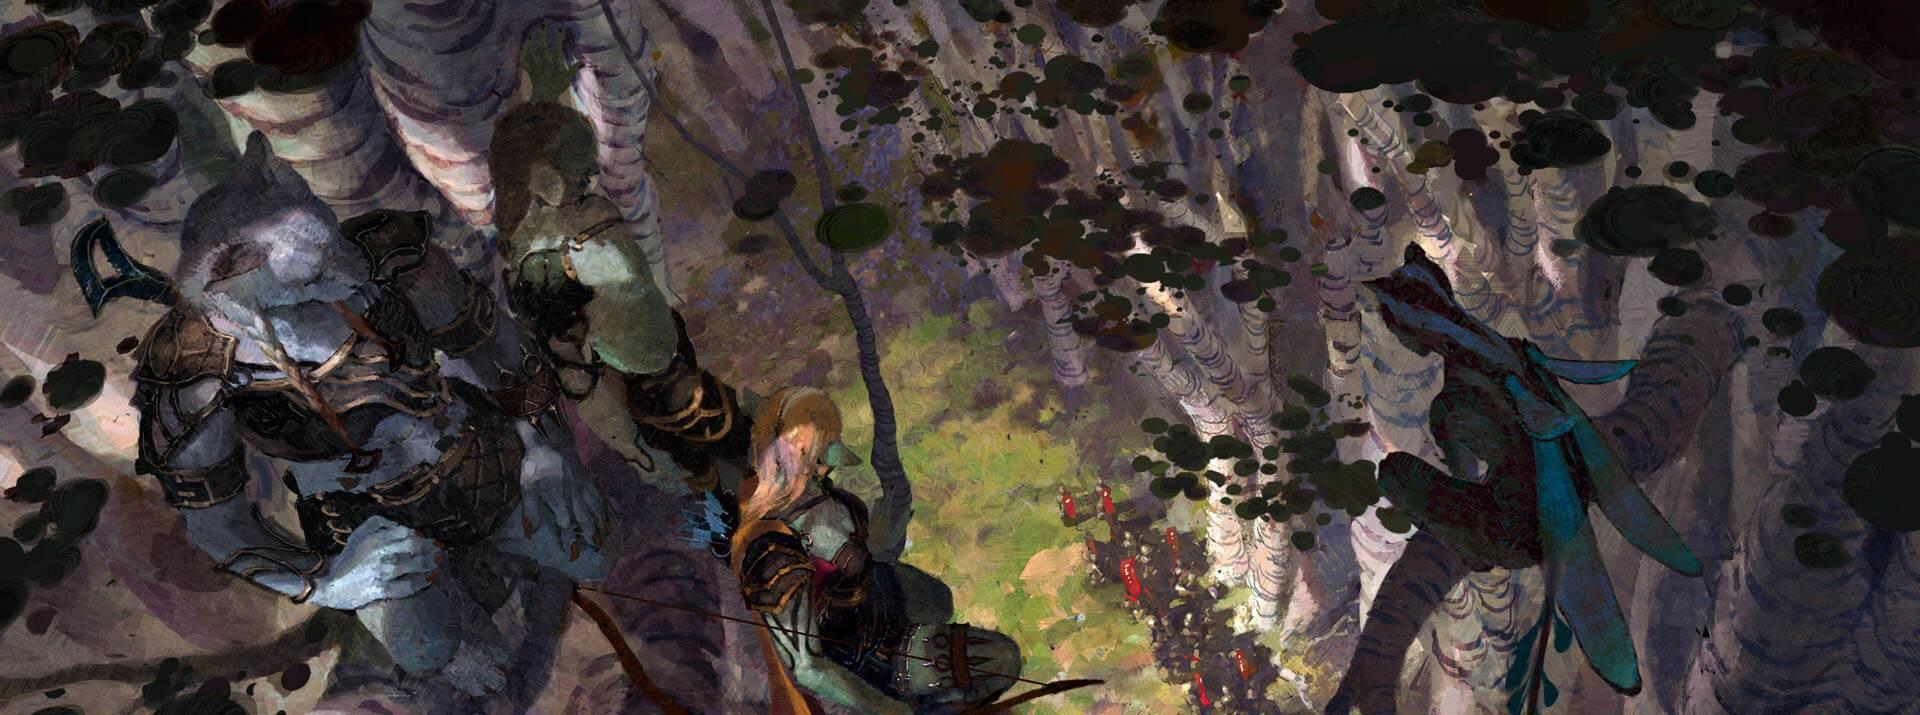 爱唱歌的小炮手,聊聊班德尔城的守护者崔丝塔娜的故事 班德尔城 塔娜 约德尔人 崔丝塔娜 端游热点  第2张